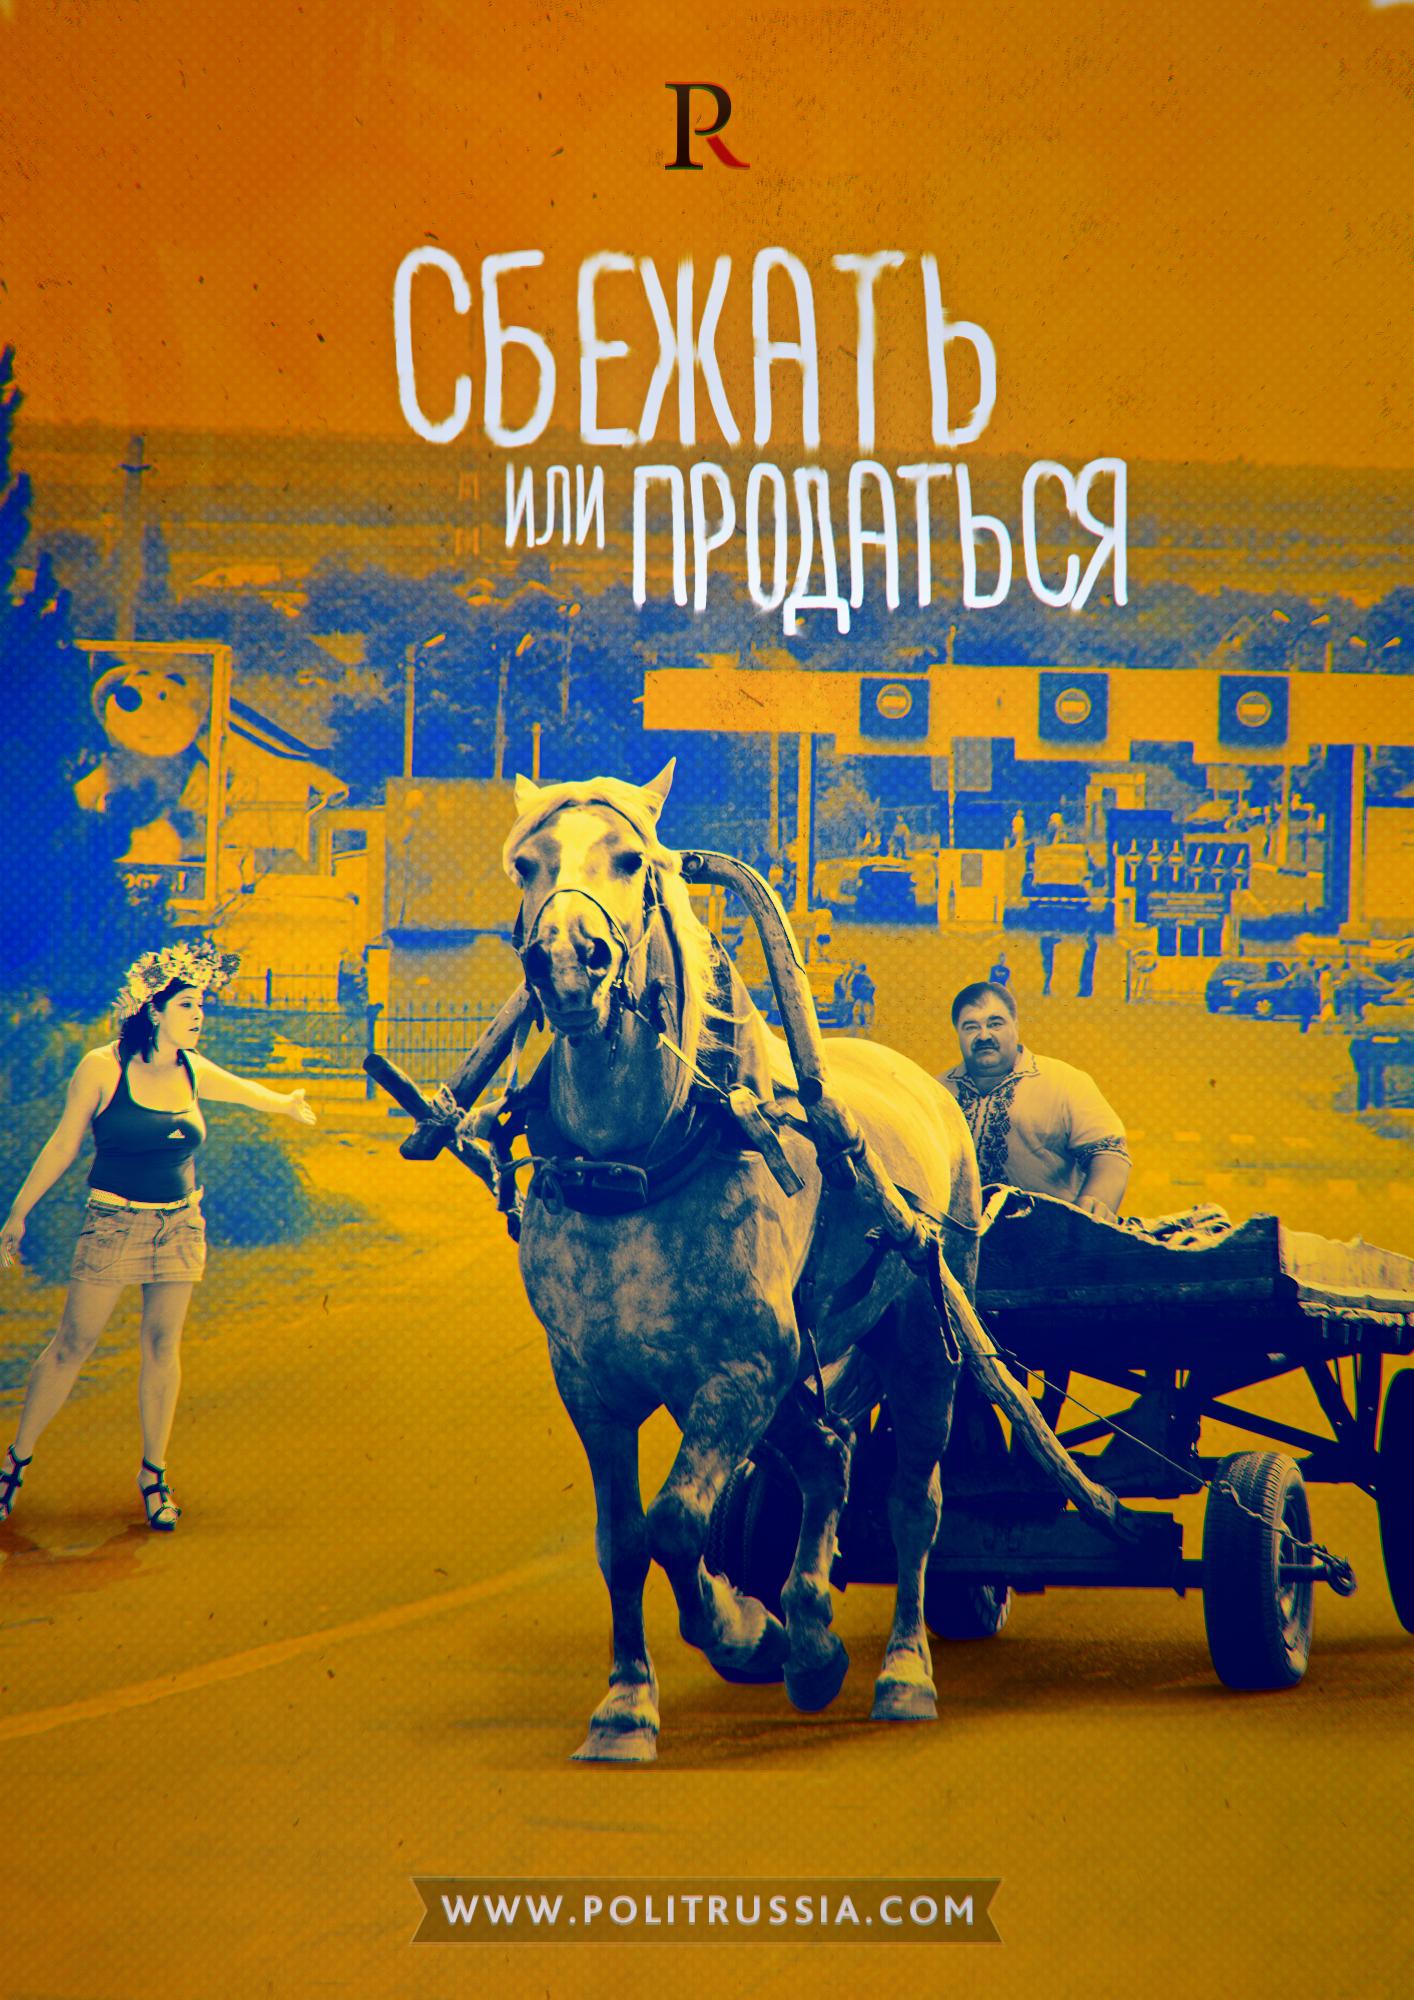 Проститутки 2000 тиш в москве 12 фотография